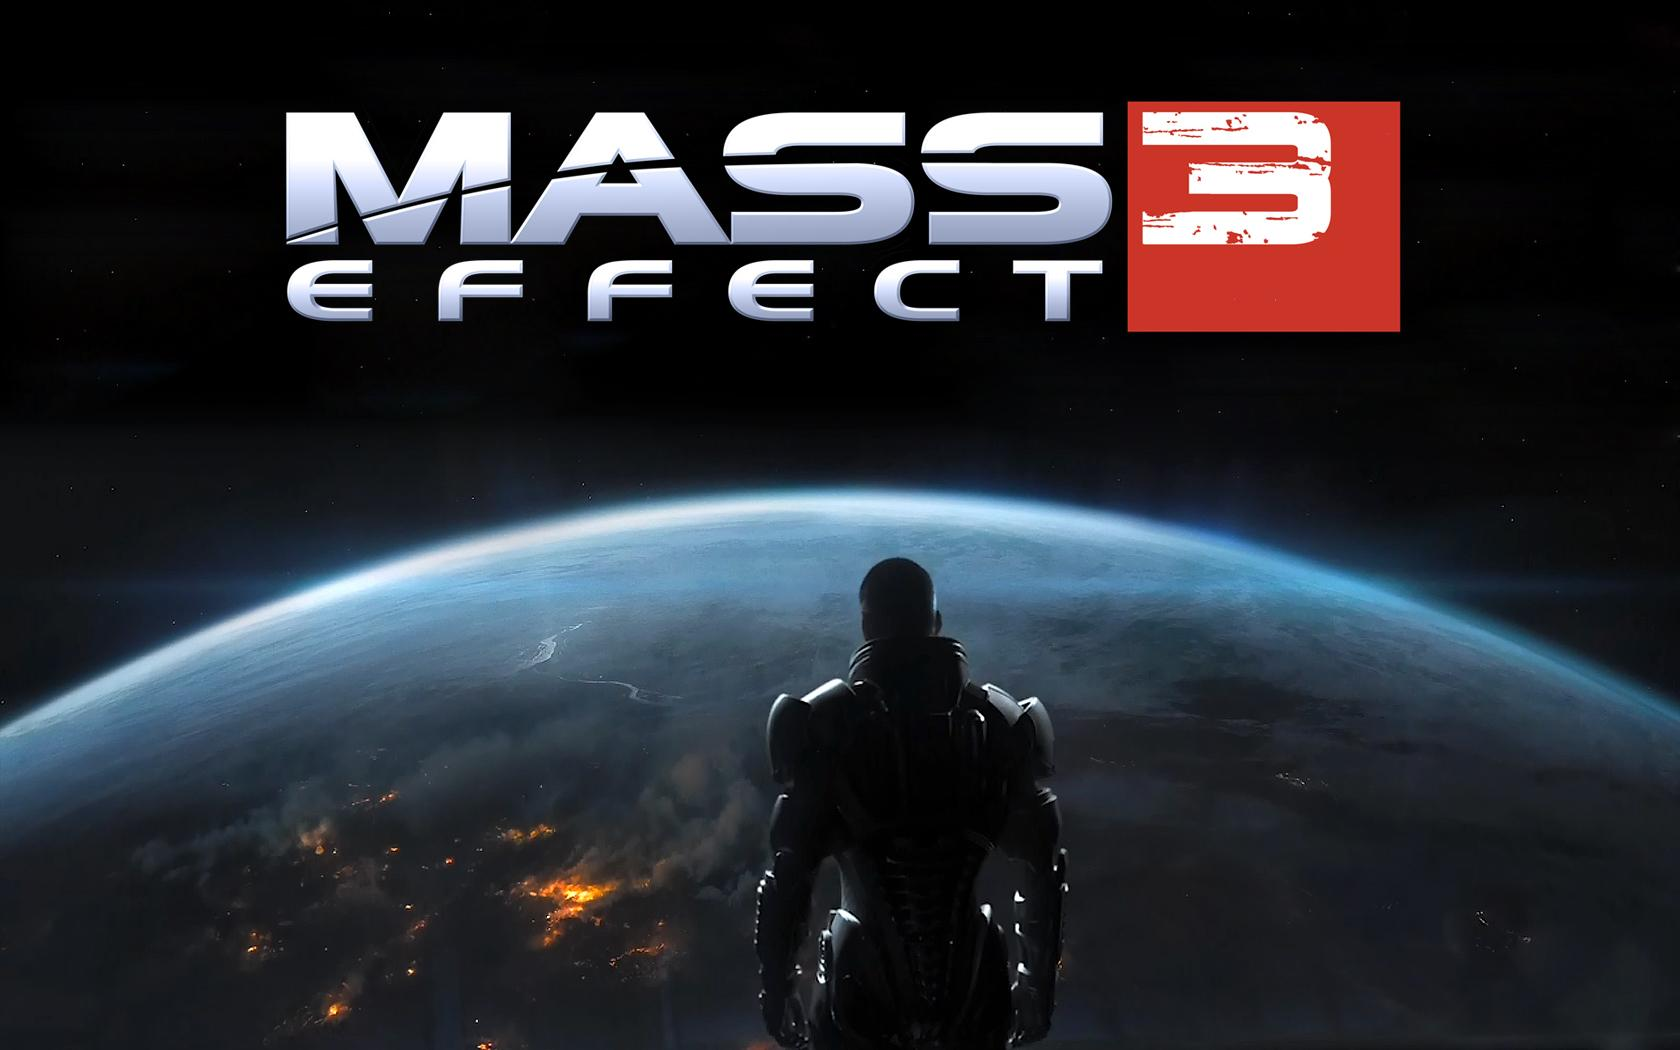 Сегодня день рождения Mass Effect 3. Ровно 3 года вы ругались на концовки). - Изображение 1